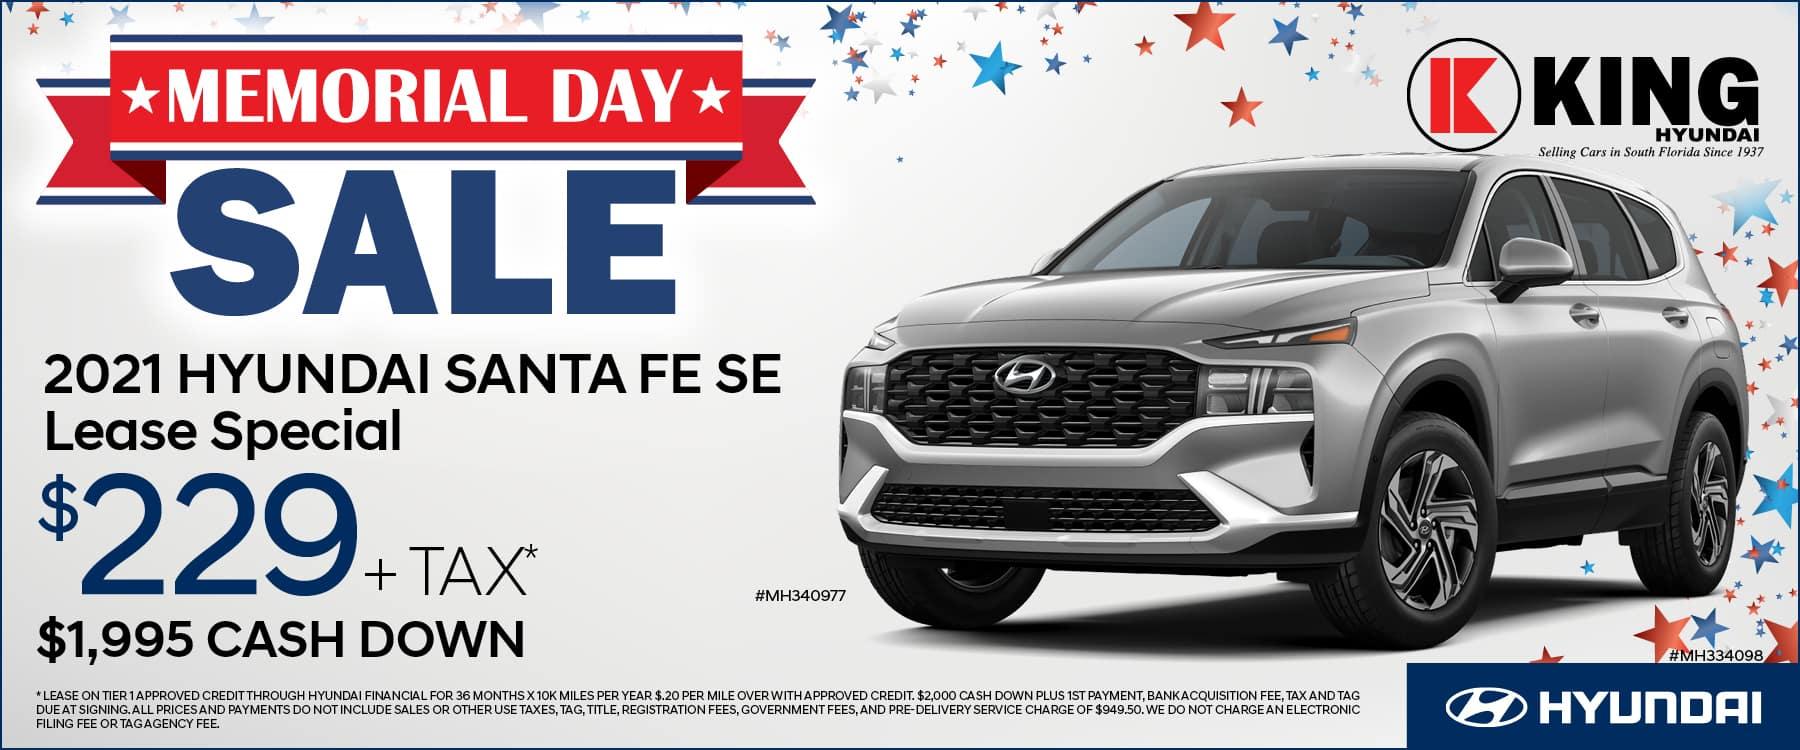 KNH-213210 King Hyundai MemDay Banners 1800×750 Santa Fe